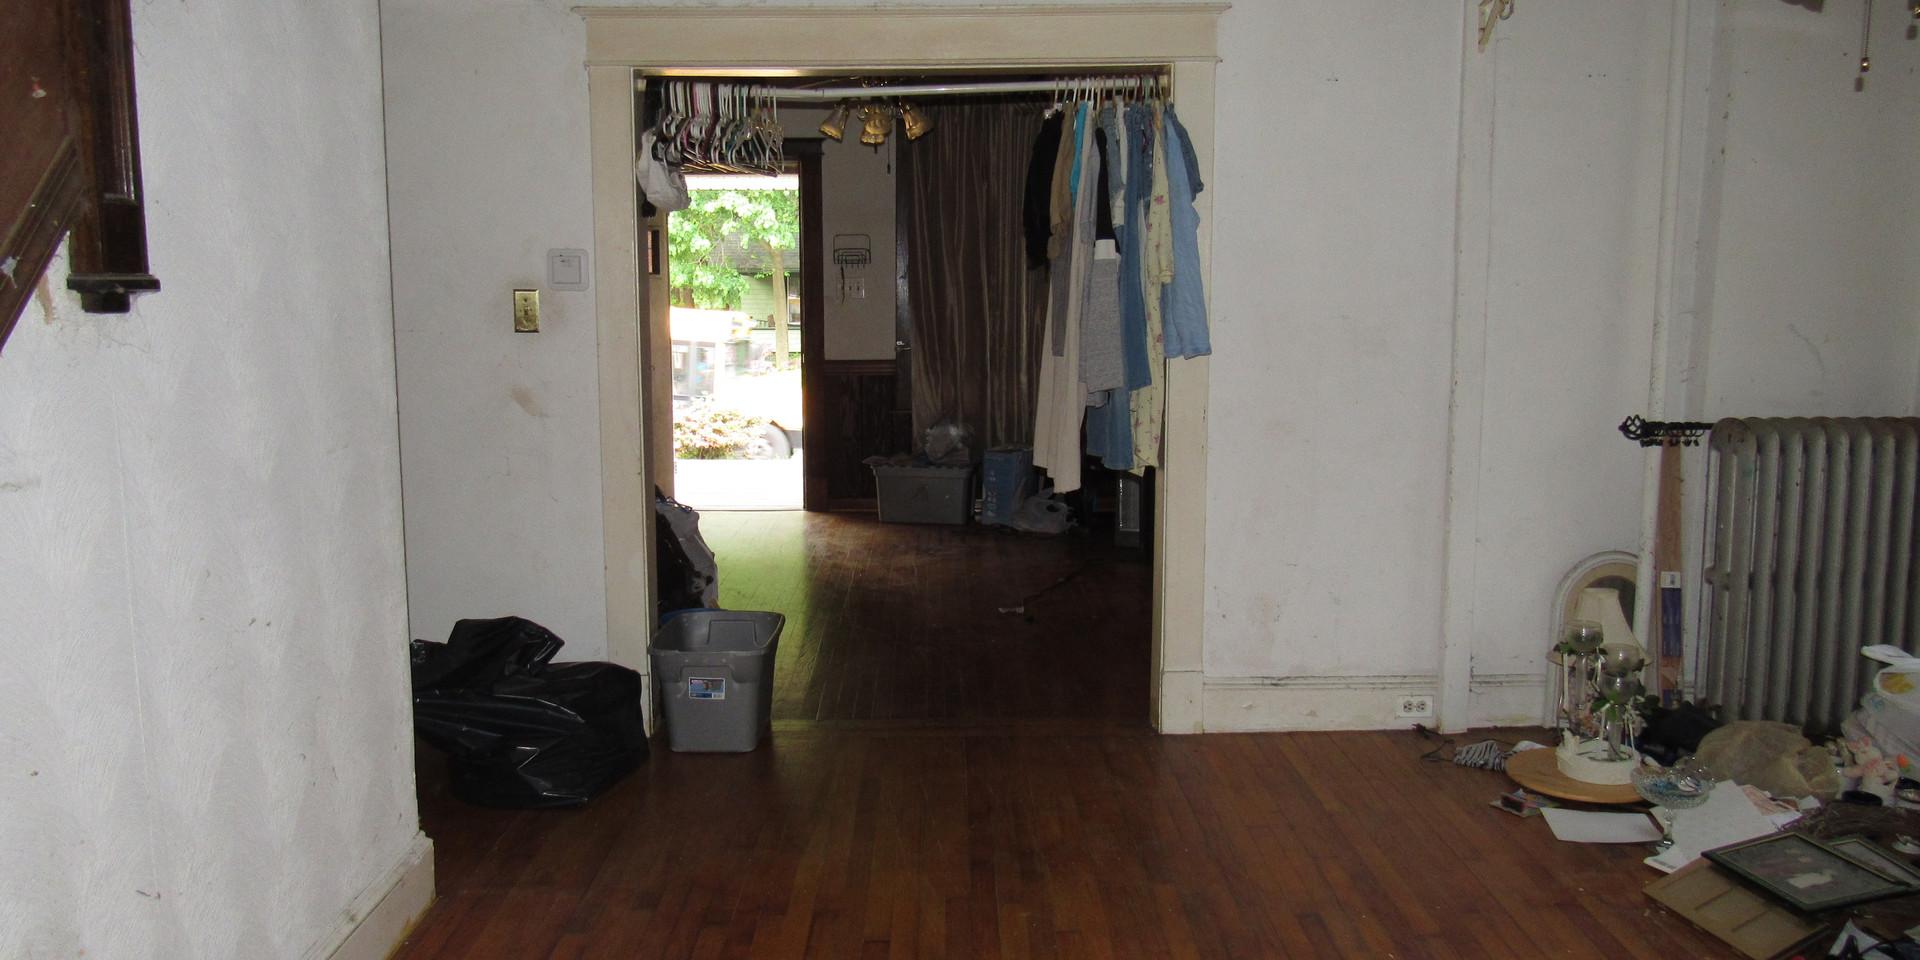 08 A Dining Room.JPG